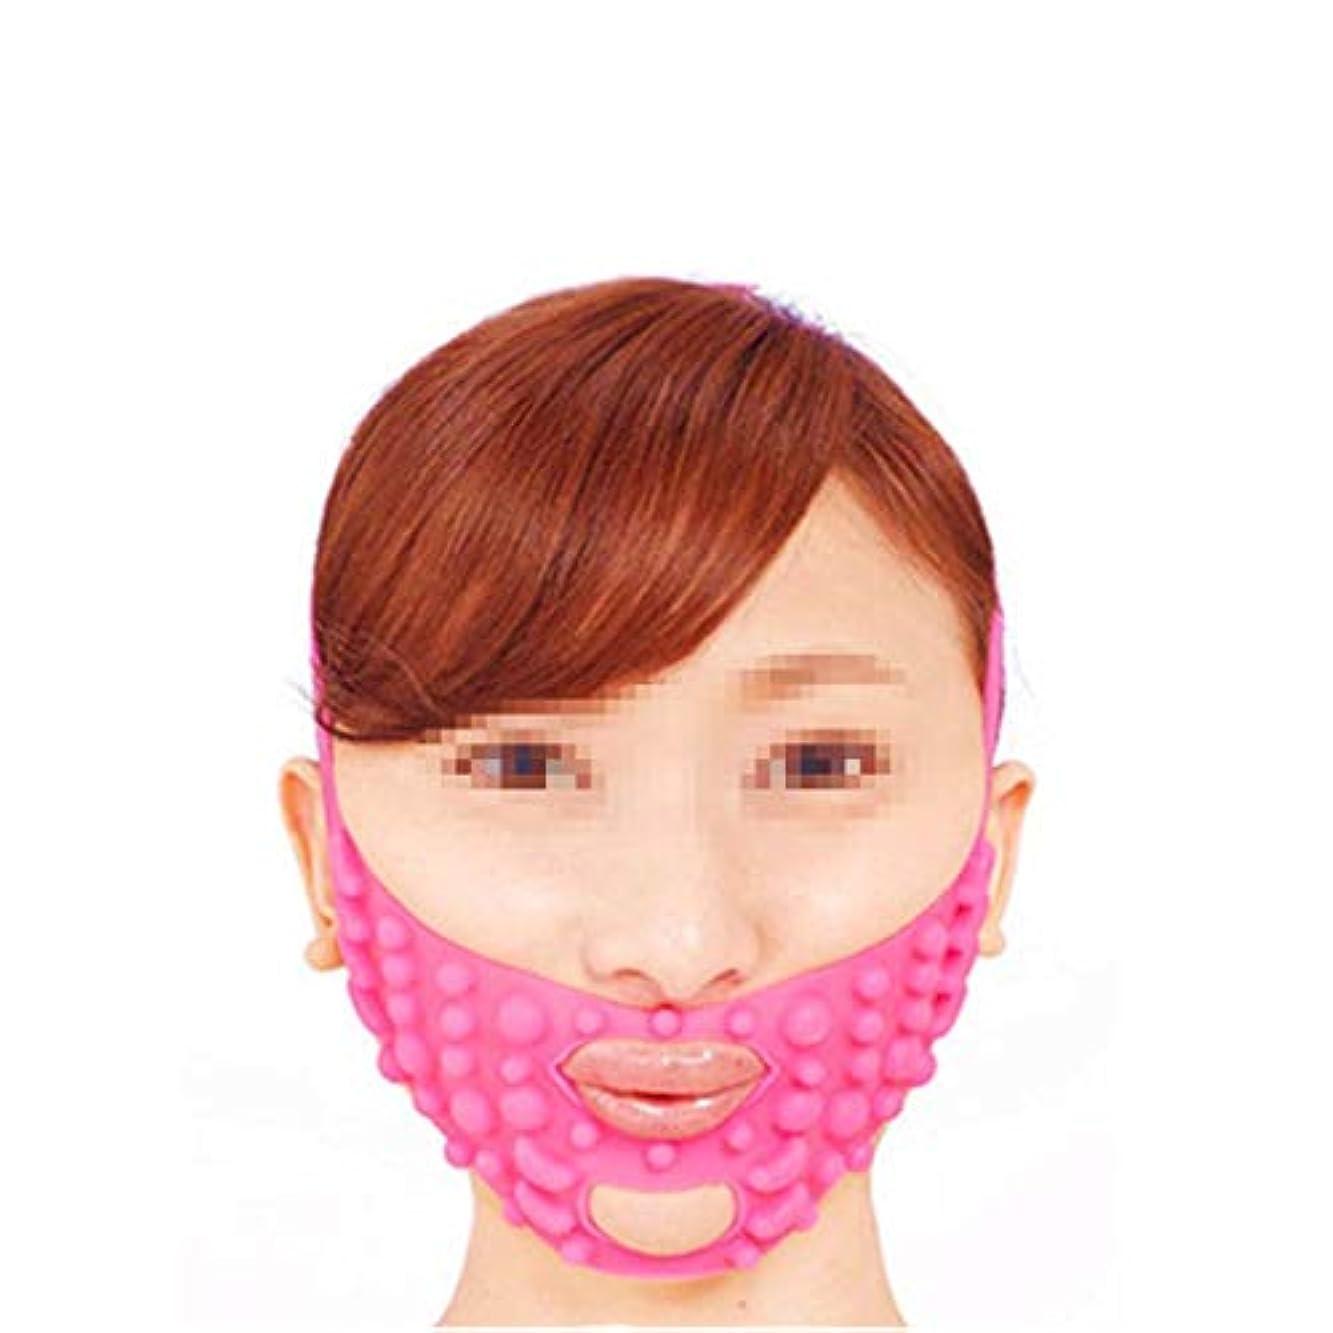 屈辱する奇跡的な振動するシリコンマッサージフェイスマスク、きちんと形をした小さいVフェイスリフトをデコードパターンフェイスリフトバンデージピンク